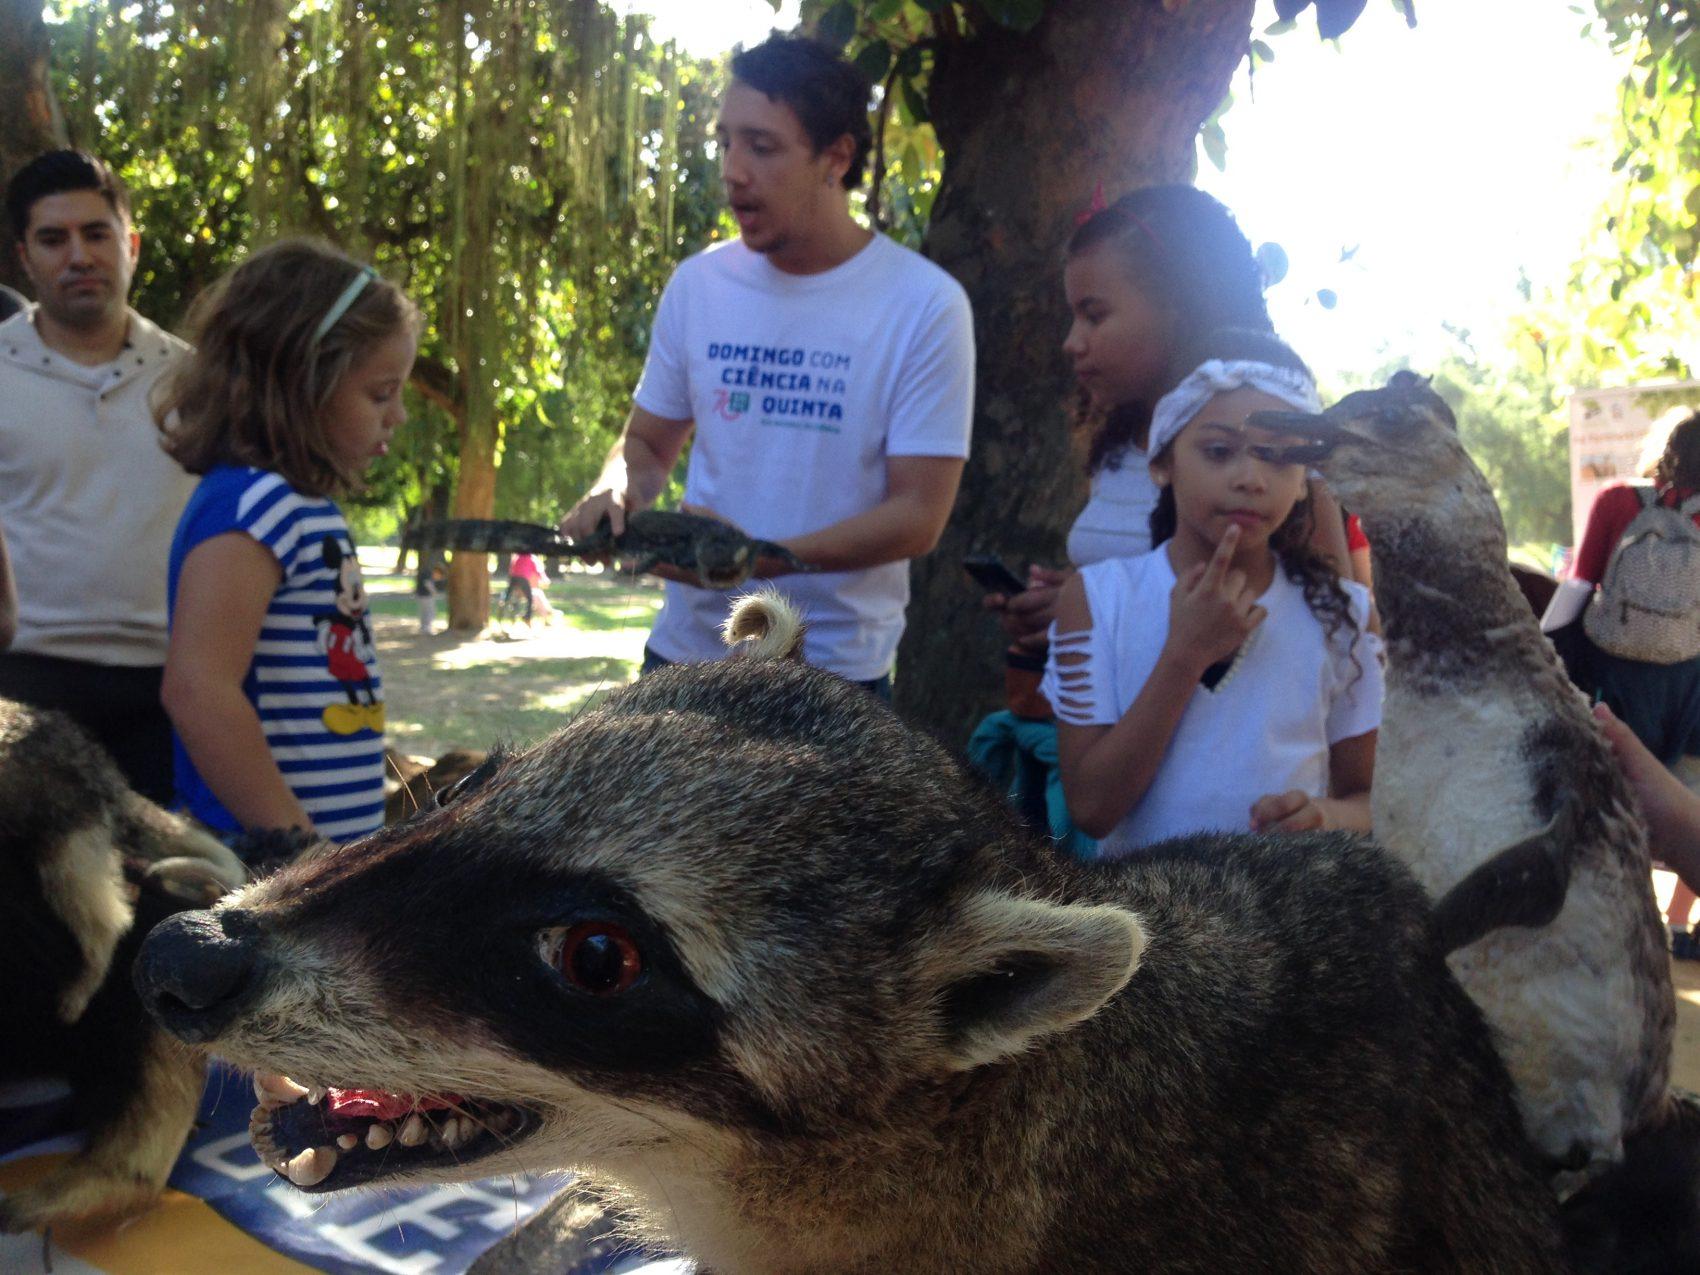 Professor do Núcleo de Estudos e Pesquisas em Animais Selvagens da UENF mostra trabalho da universidade a crianças: divulgação científica na Quinta da Boa Vista (Foto: Barbara Lopes)